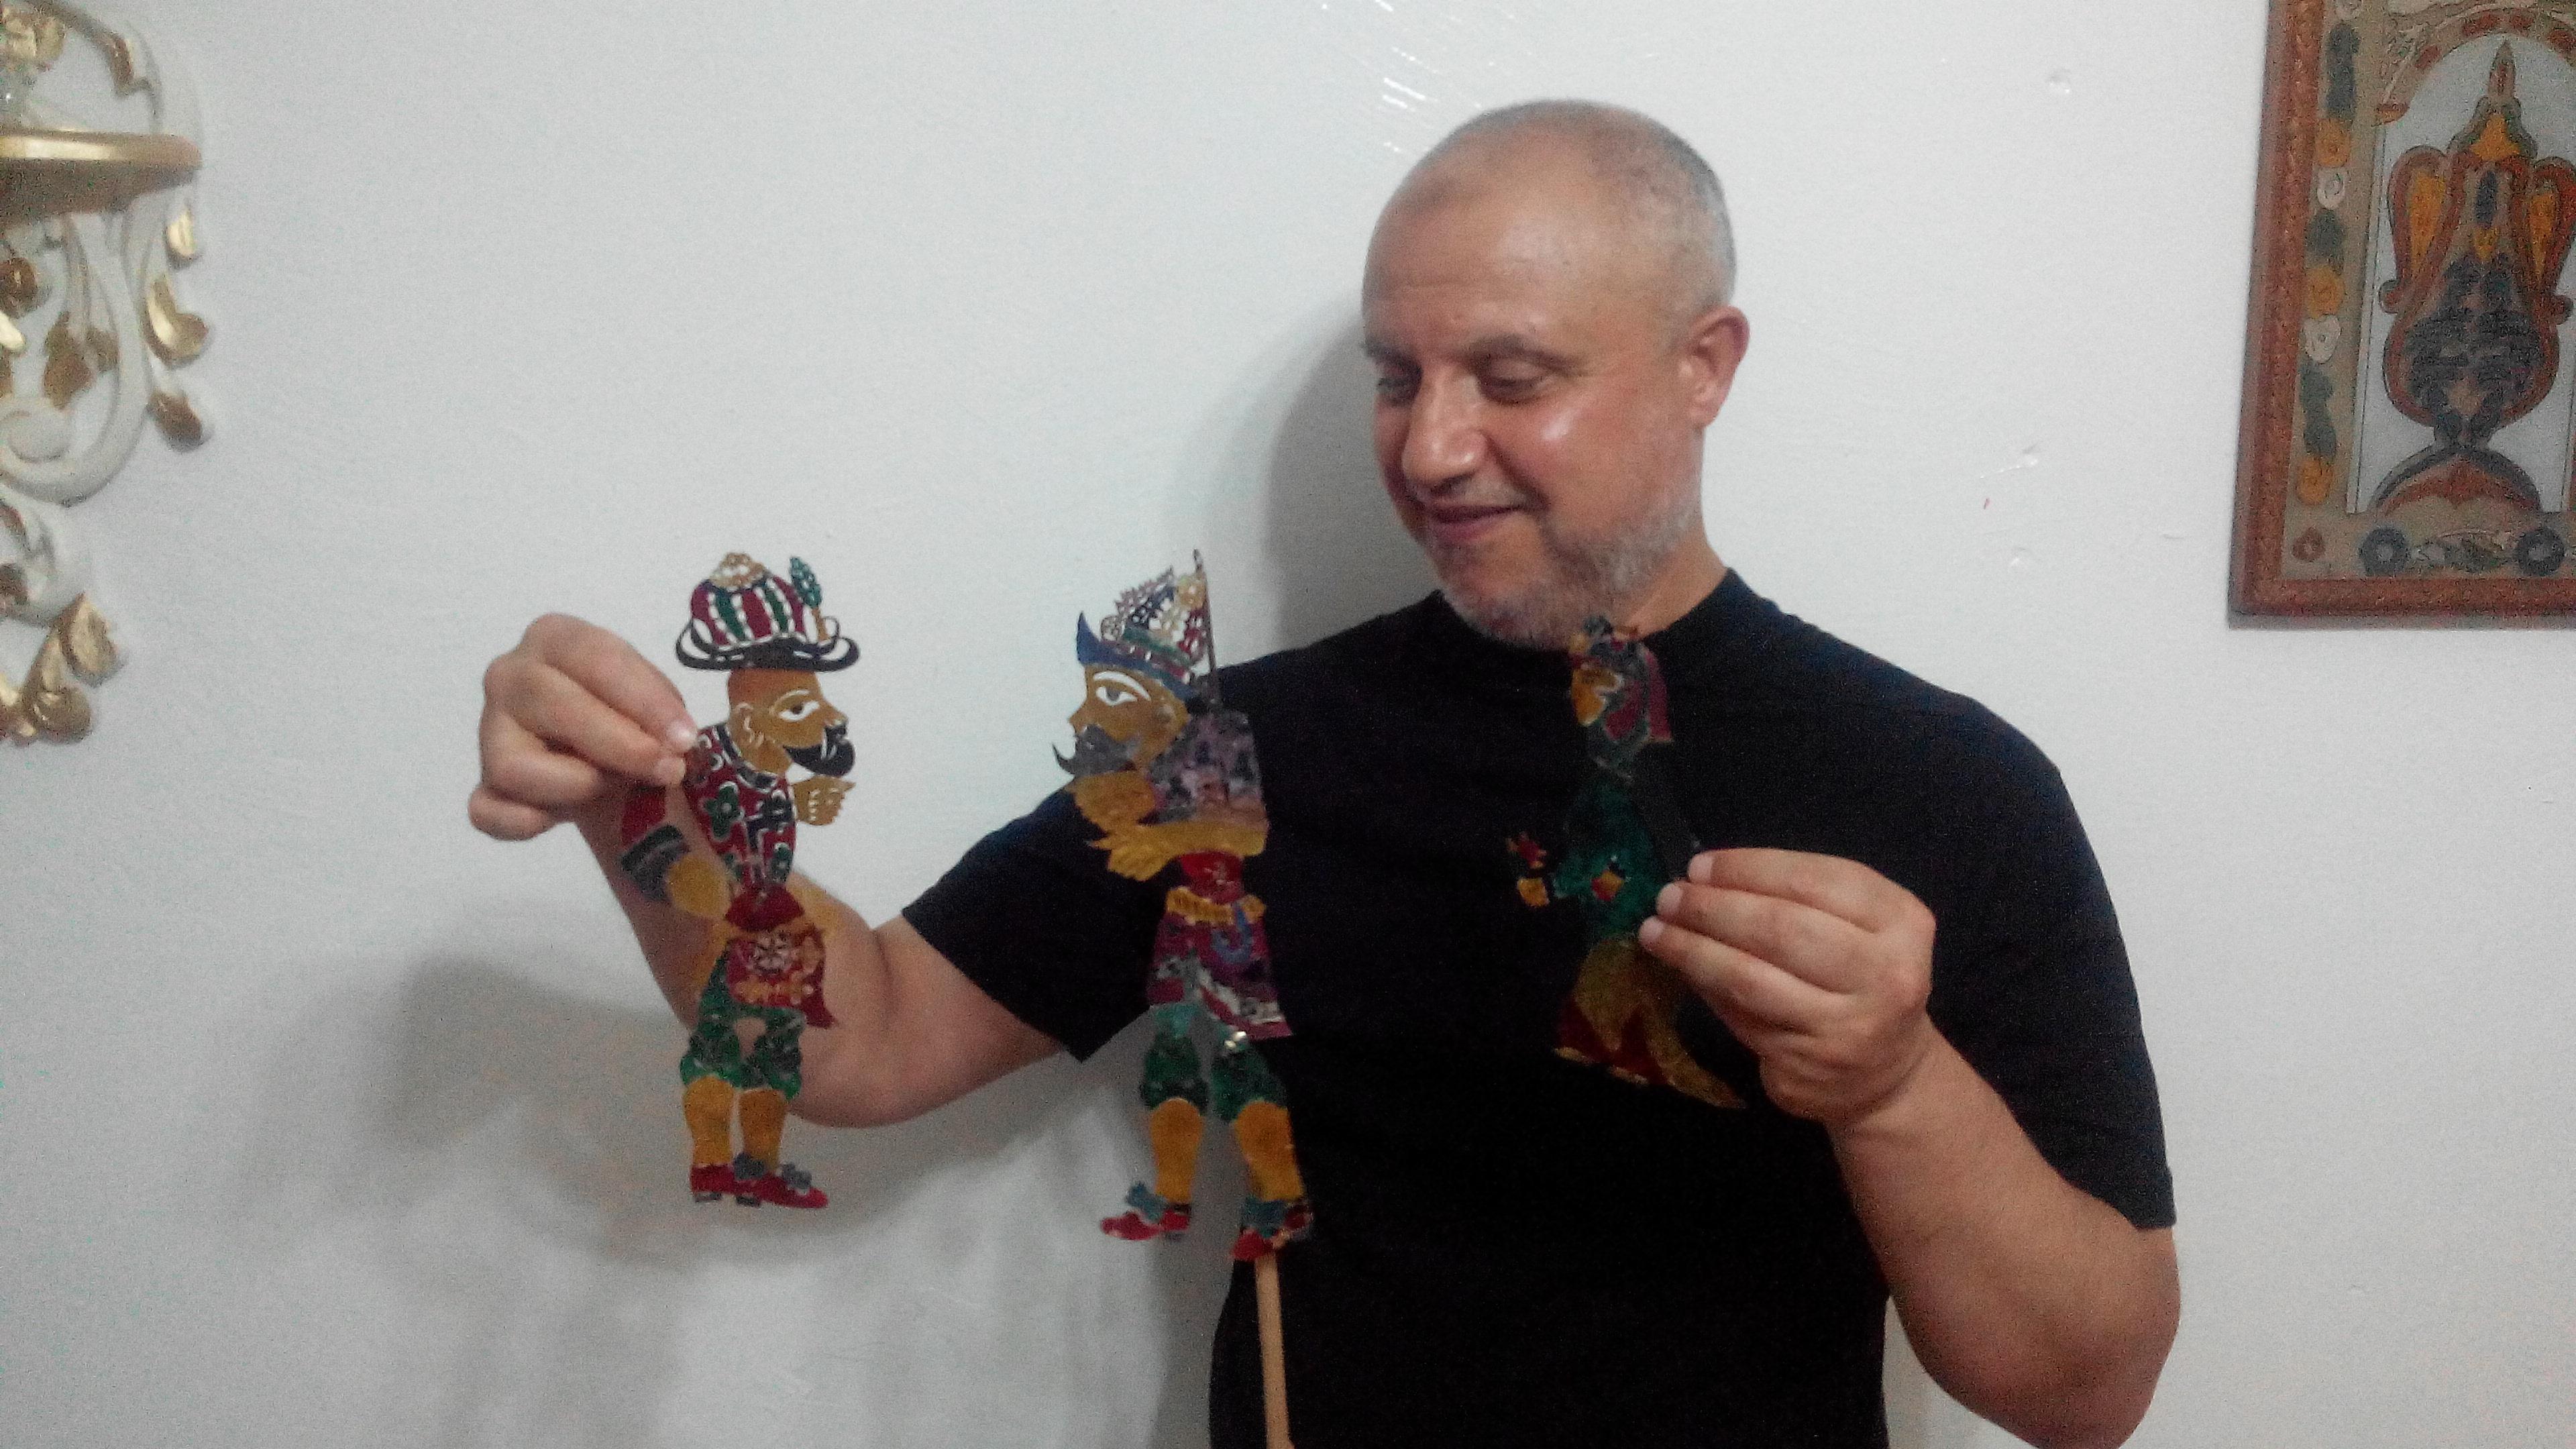 Mohamed Bechir Jaled avec trois de ses marionnettes d'ombre karagouz, fabriqué en 1980. Marionnettes d'ombre en cuir de chèvre avec les tiges métallique, hauteur : 20 cm